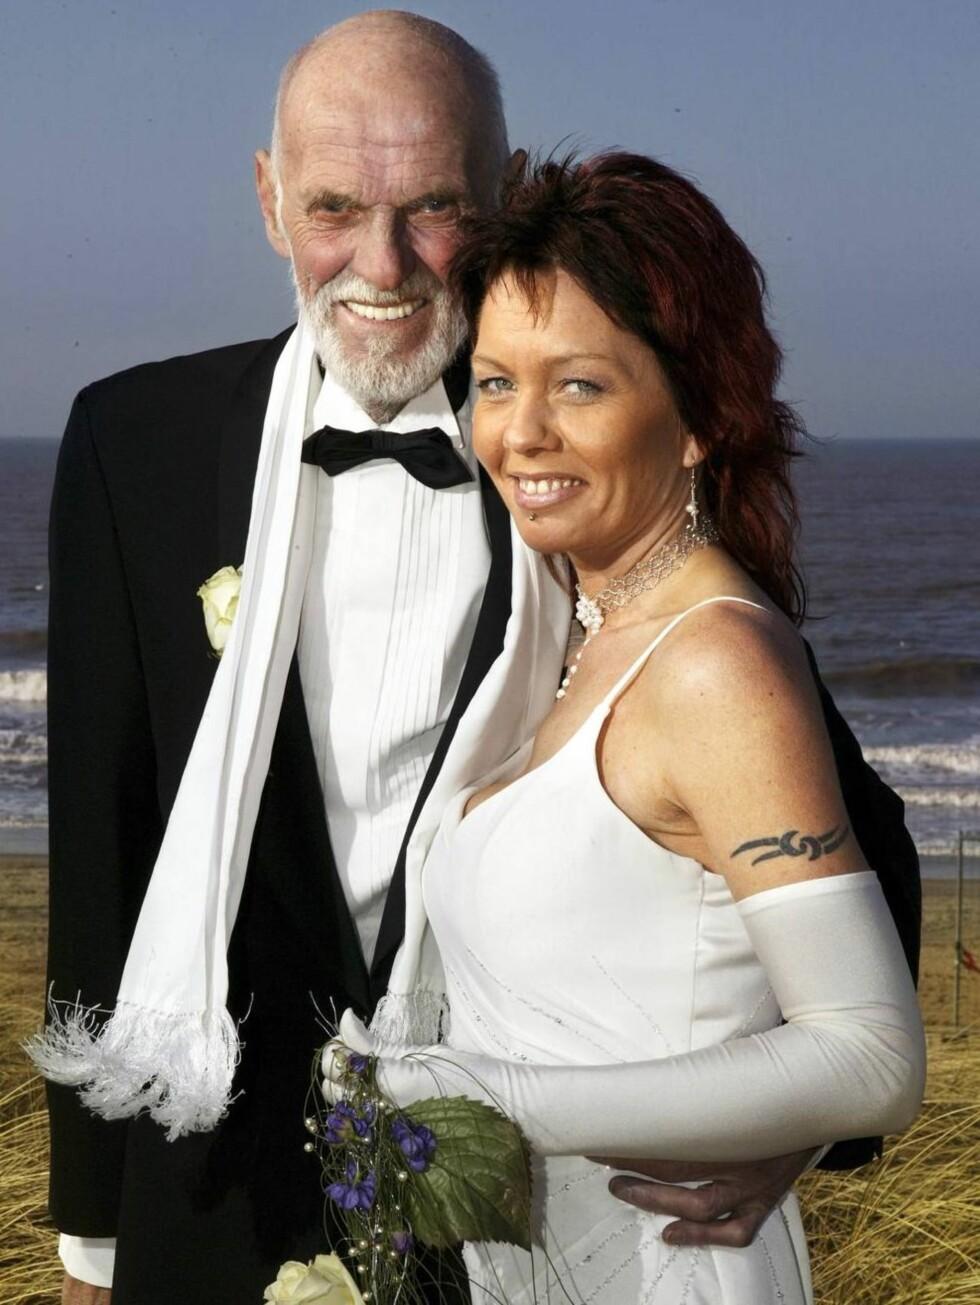 LYKKELIGE - DEN GANG DA: Sven O. og Renate da livet var en dans på roser. Nå er han syk og alene, hun må i fengsel. Foto: Se og Hør